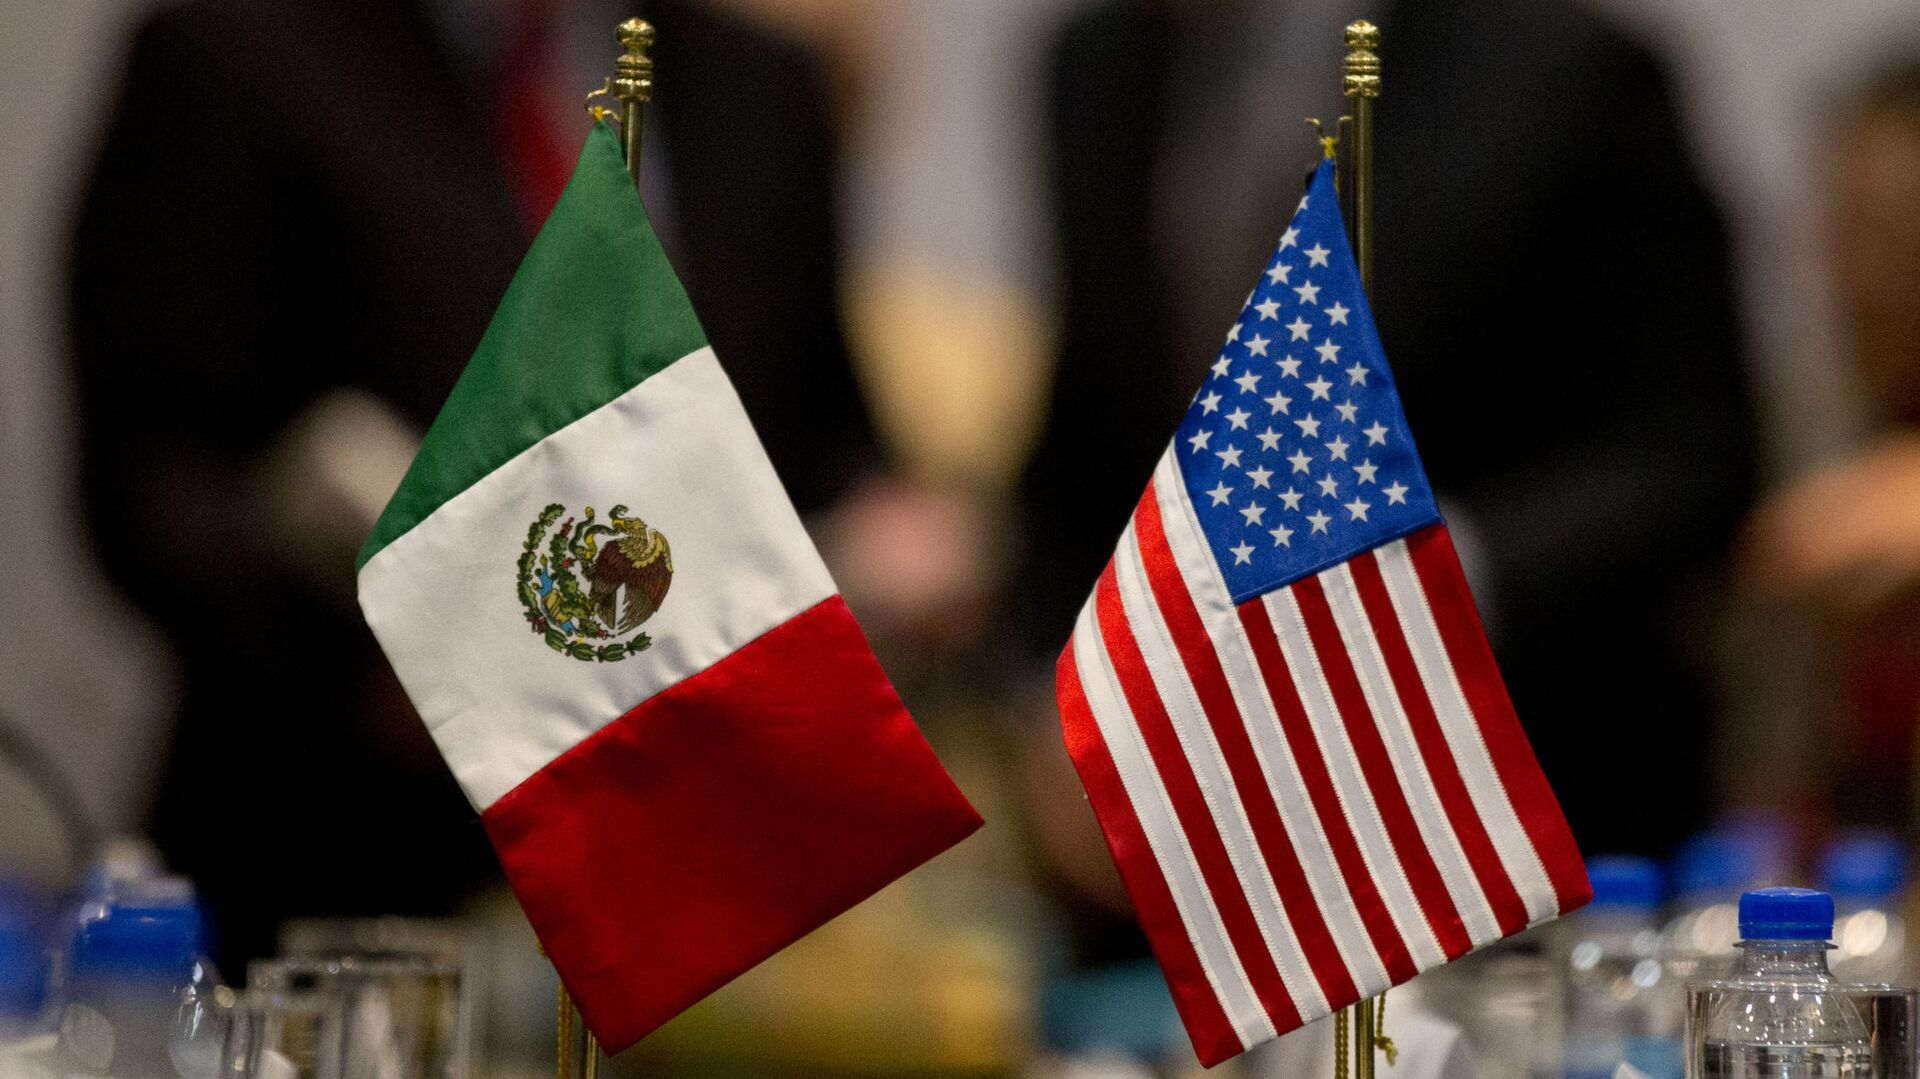 Banderas de México y EEUU - Sputnik Mundo, 1920, 02.09.2021